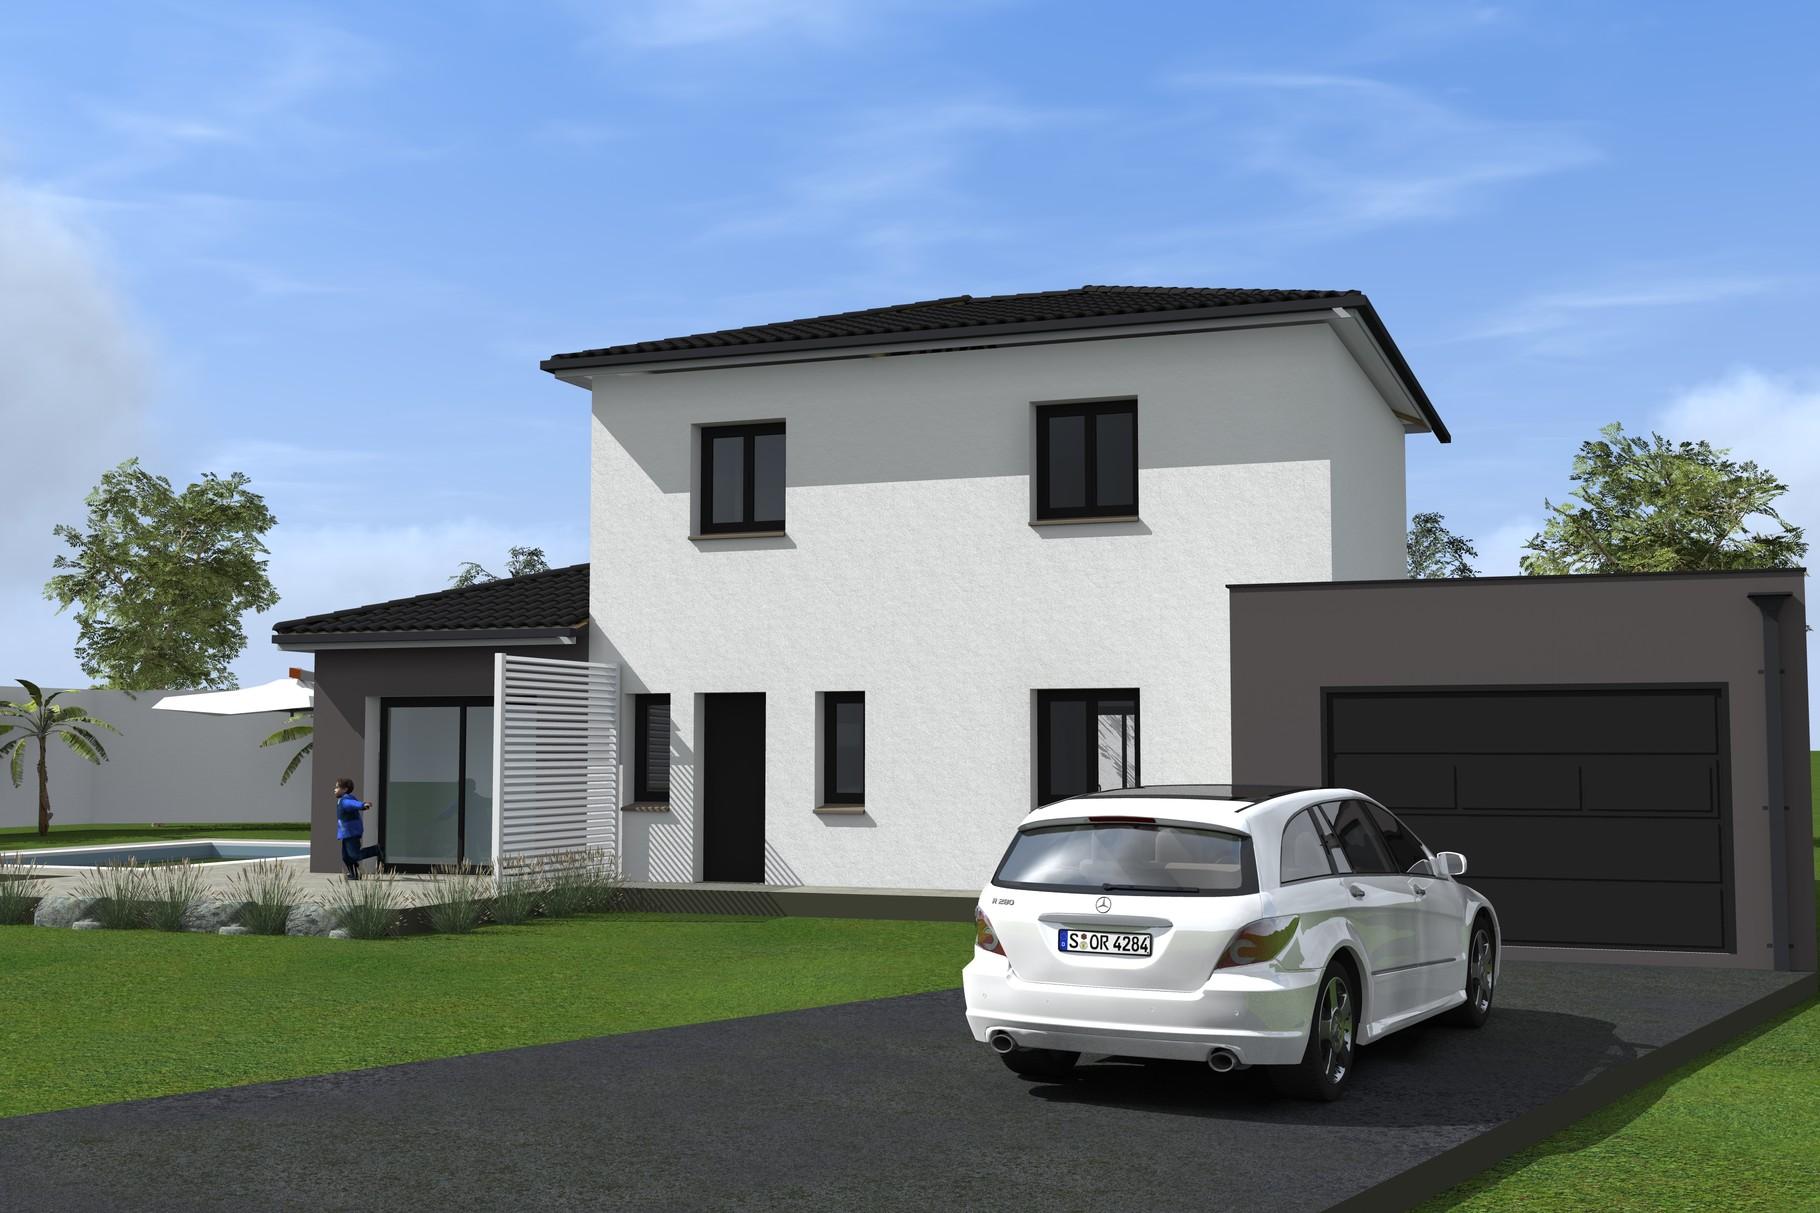 Maison traditionnelle dessinateur plans permis de for Construire ma maison en ligne